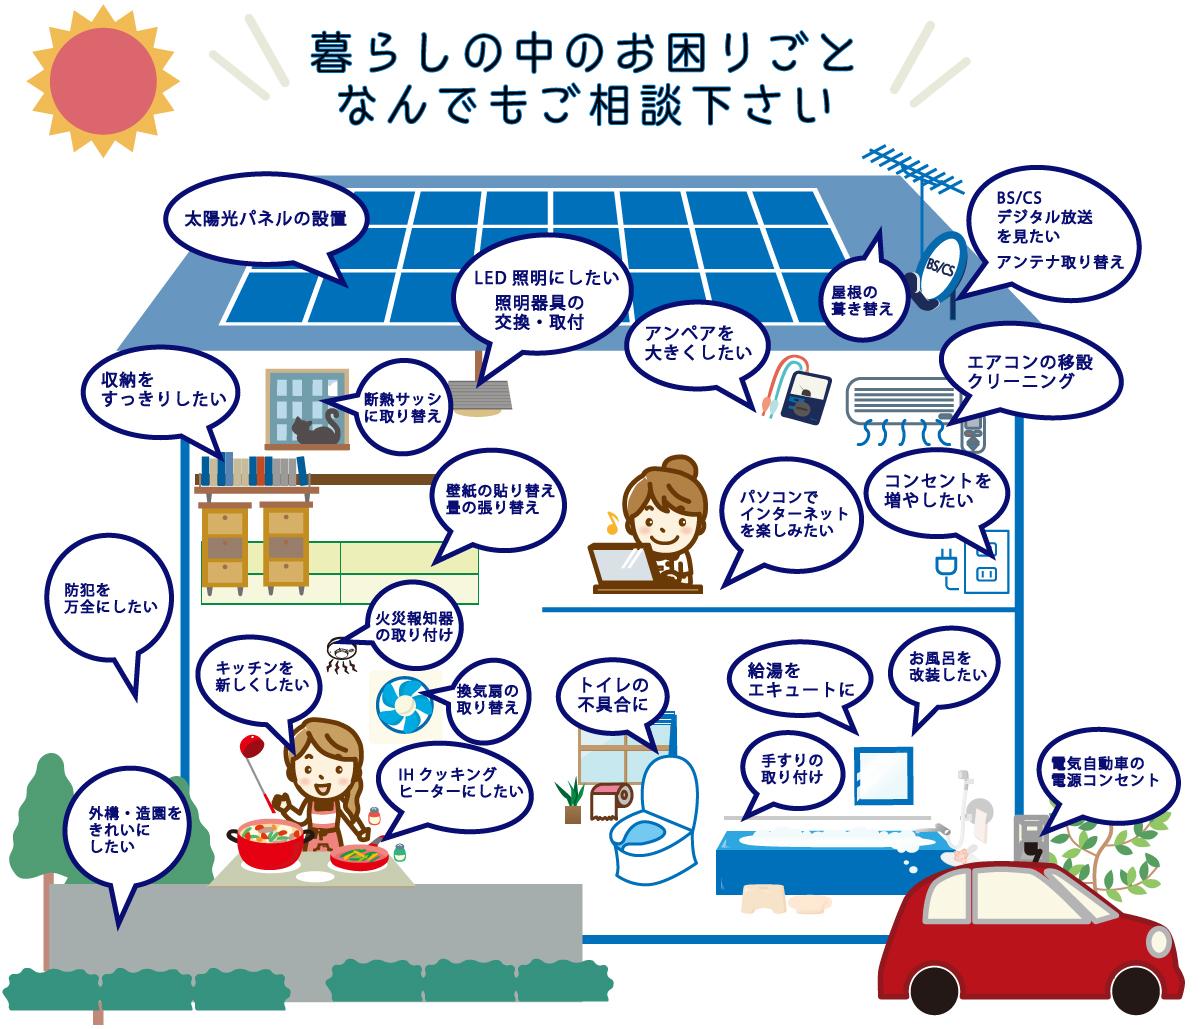 沖田電気株式会社にできること